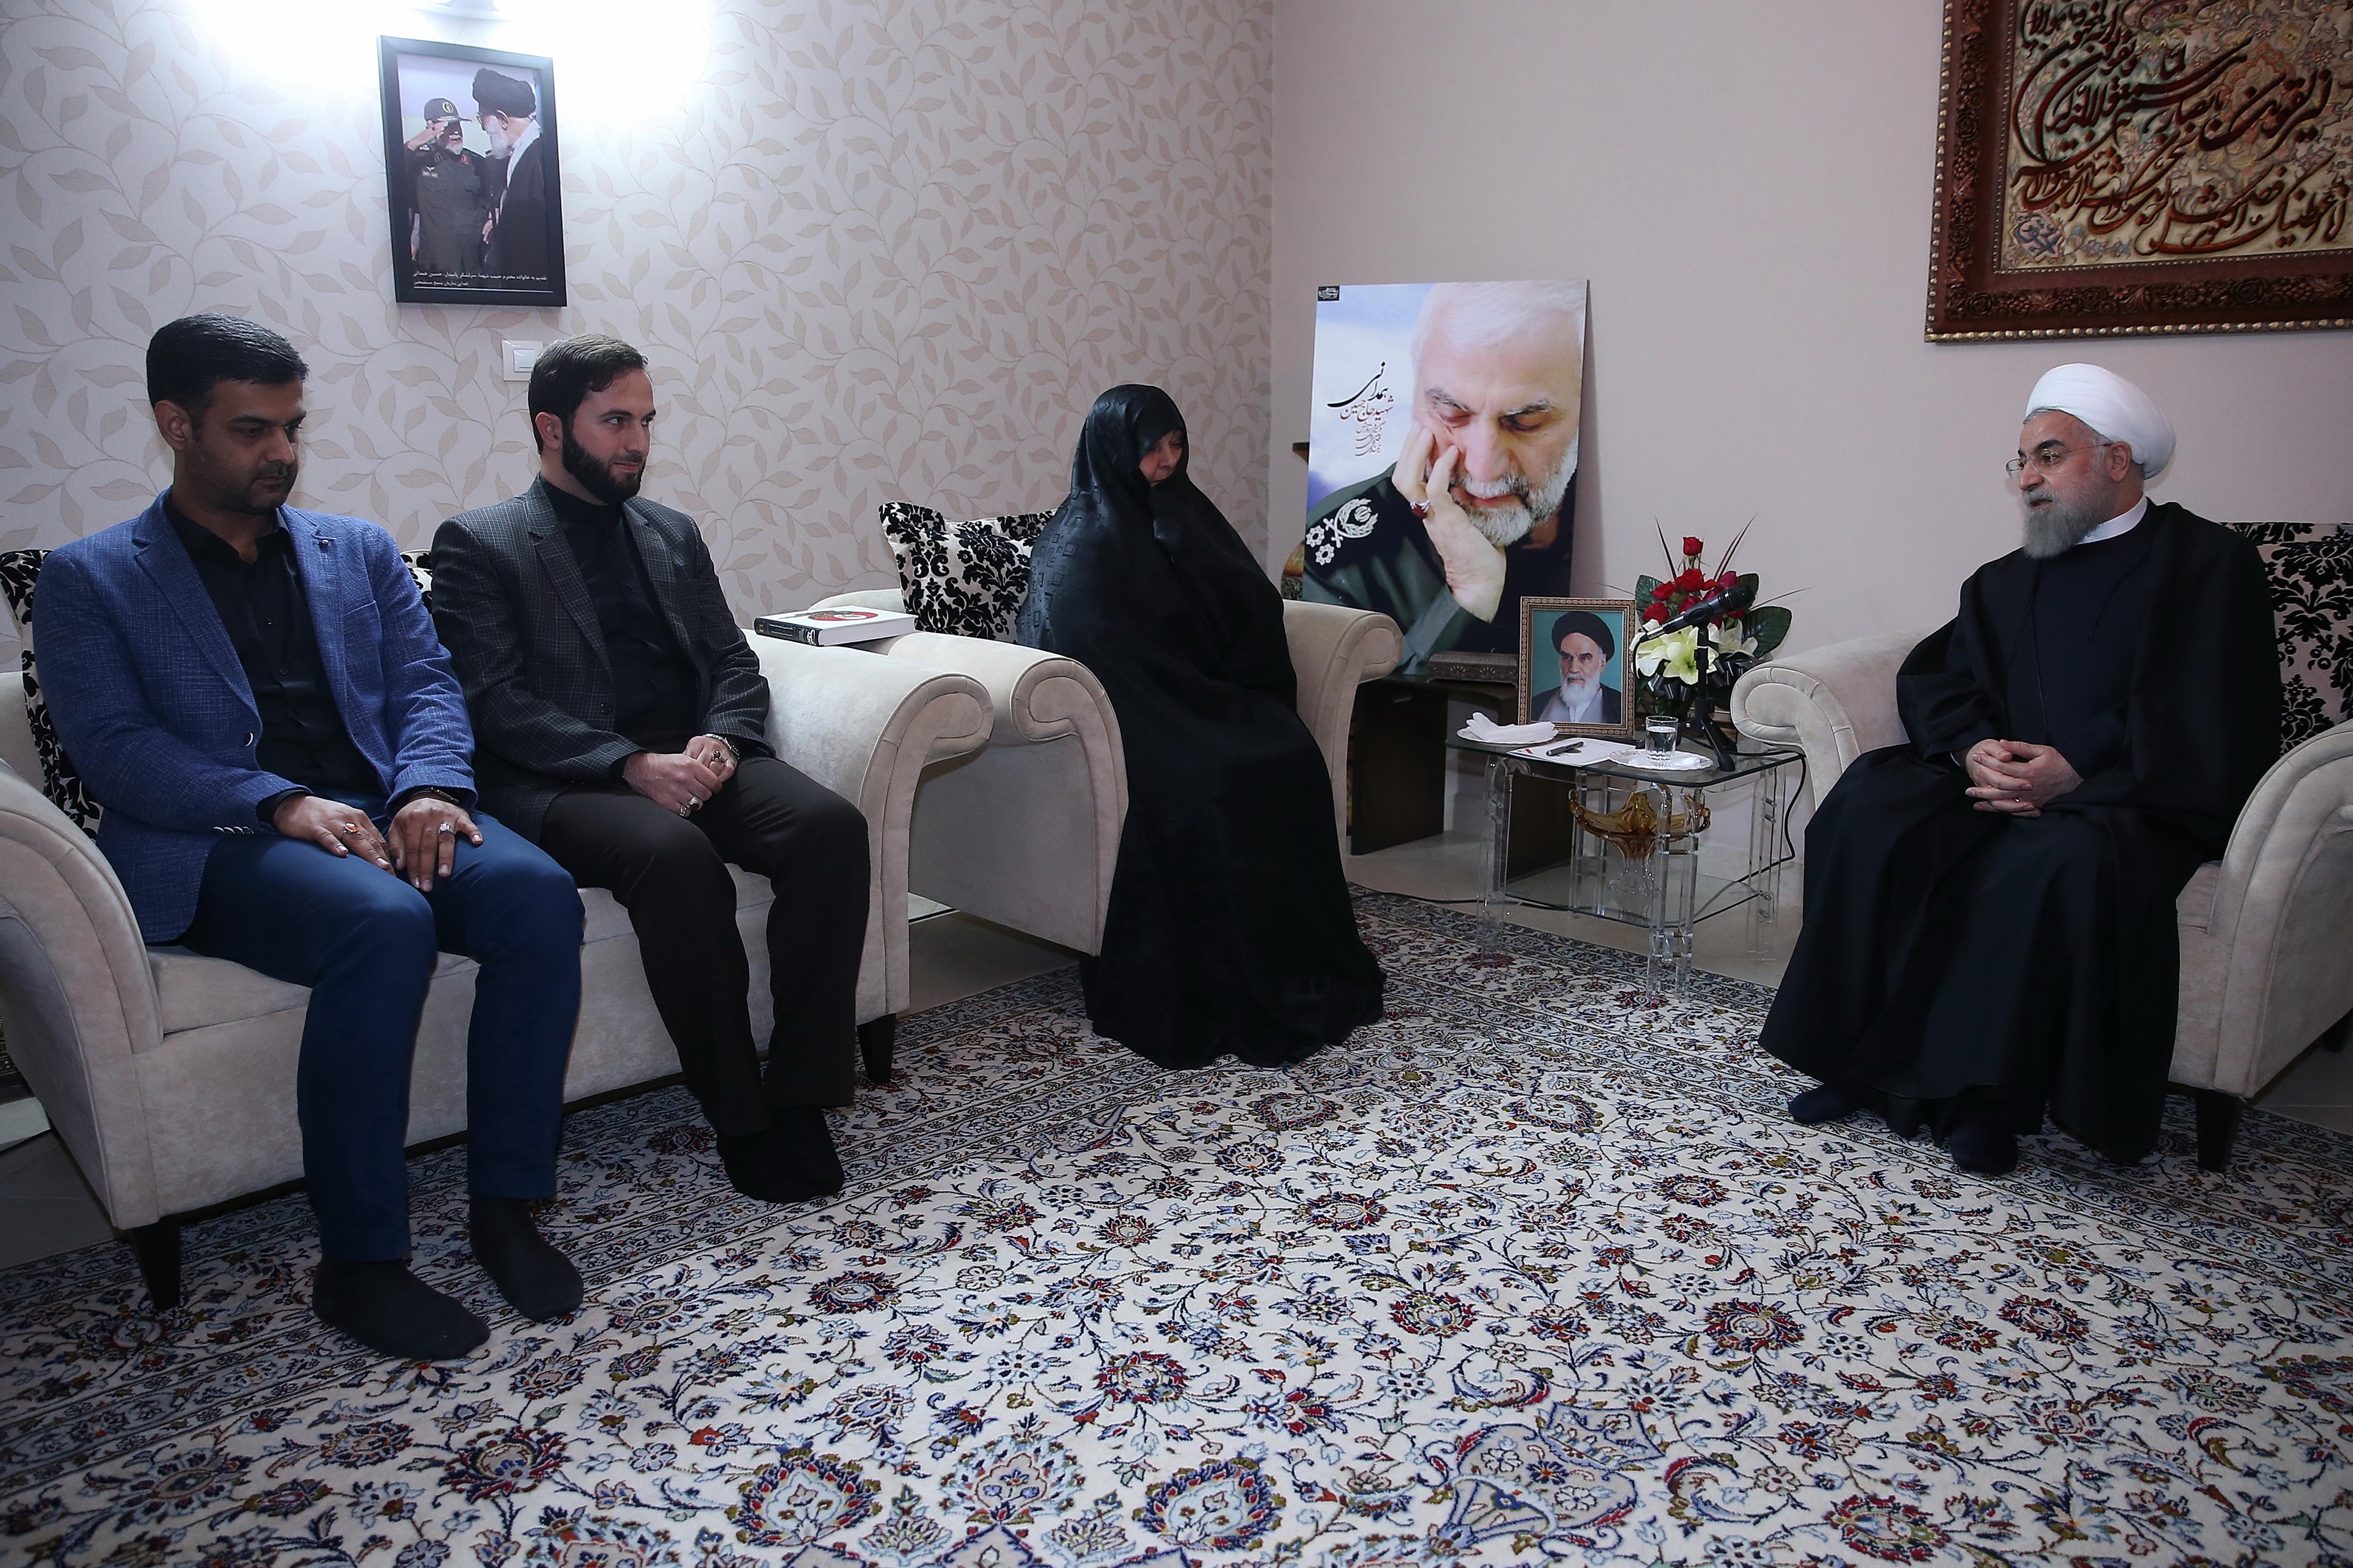 پاسداری از خون شهیدان وظیفه ای همگانی است/ ایران اسلامی در سایه ایثار و فداکاری ایثارگران، ایستادگی و مقاومت کرده است